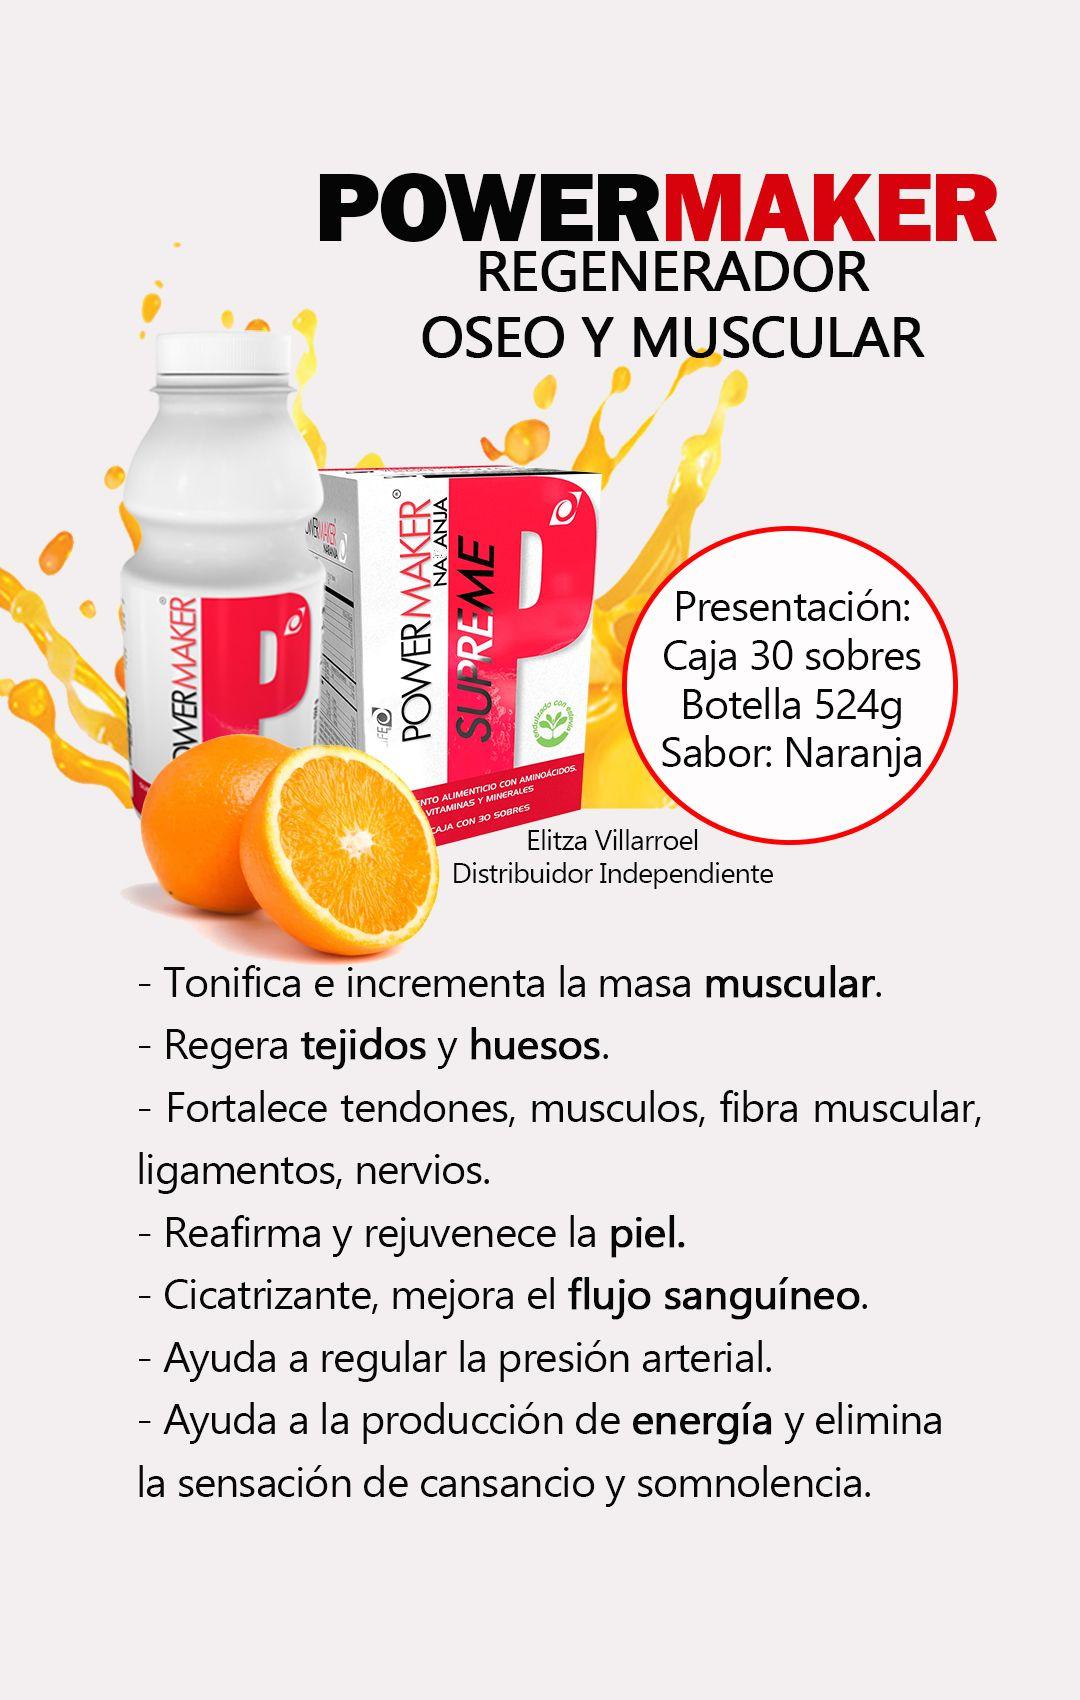 Powermaker Regenerador Oseo Y Muscular Omnilife Productos Para La Salud Estilos De Vida Saludable